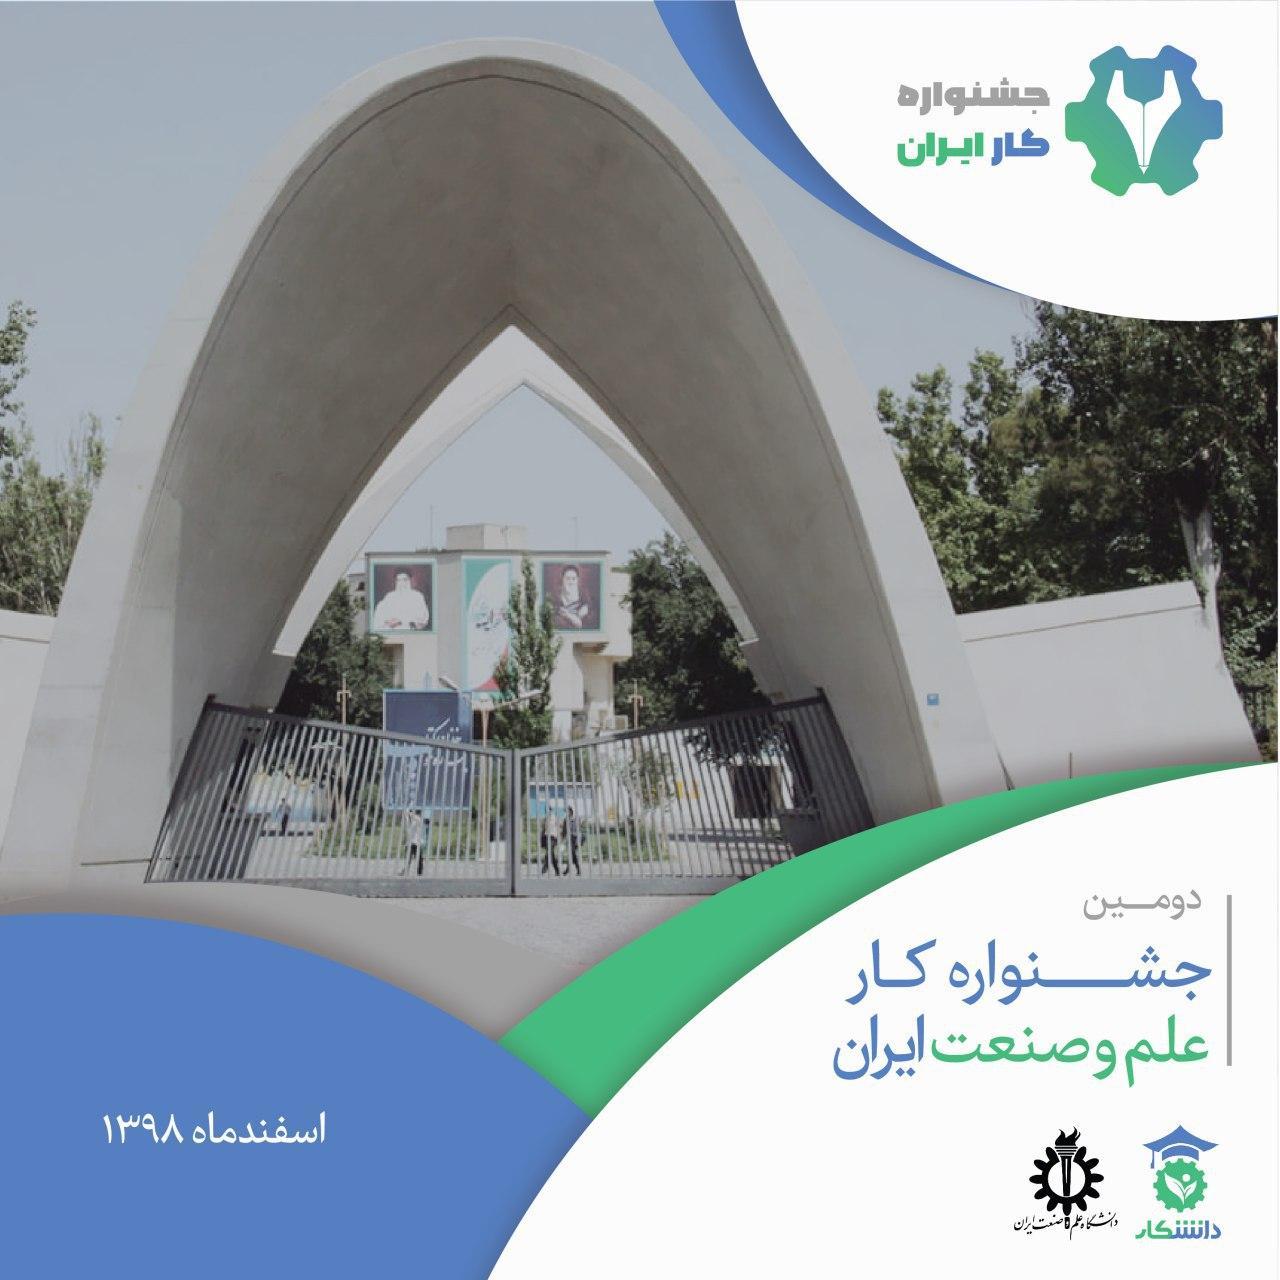 نمایشگاه کار-دانشگاه علم و صنعت